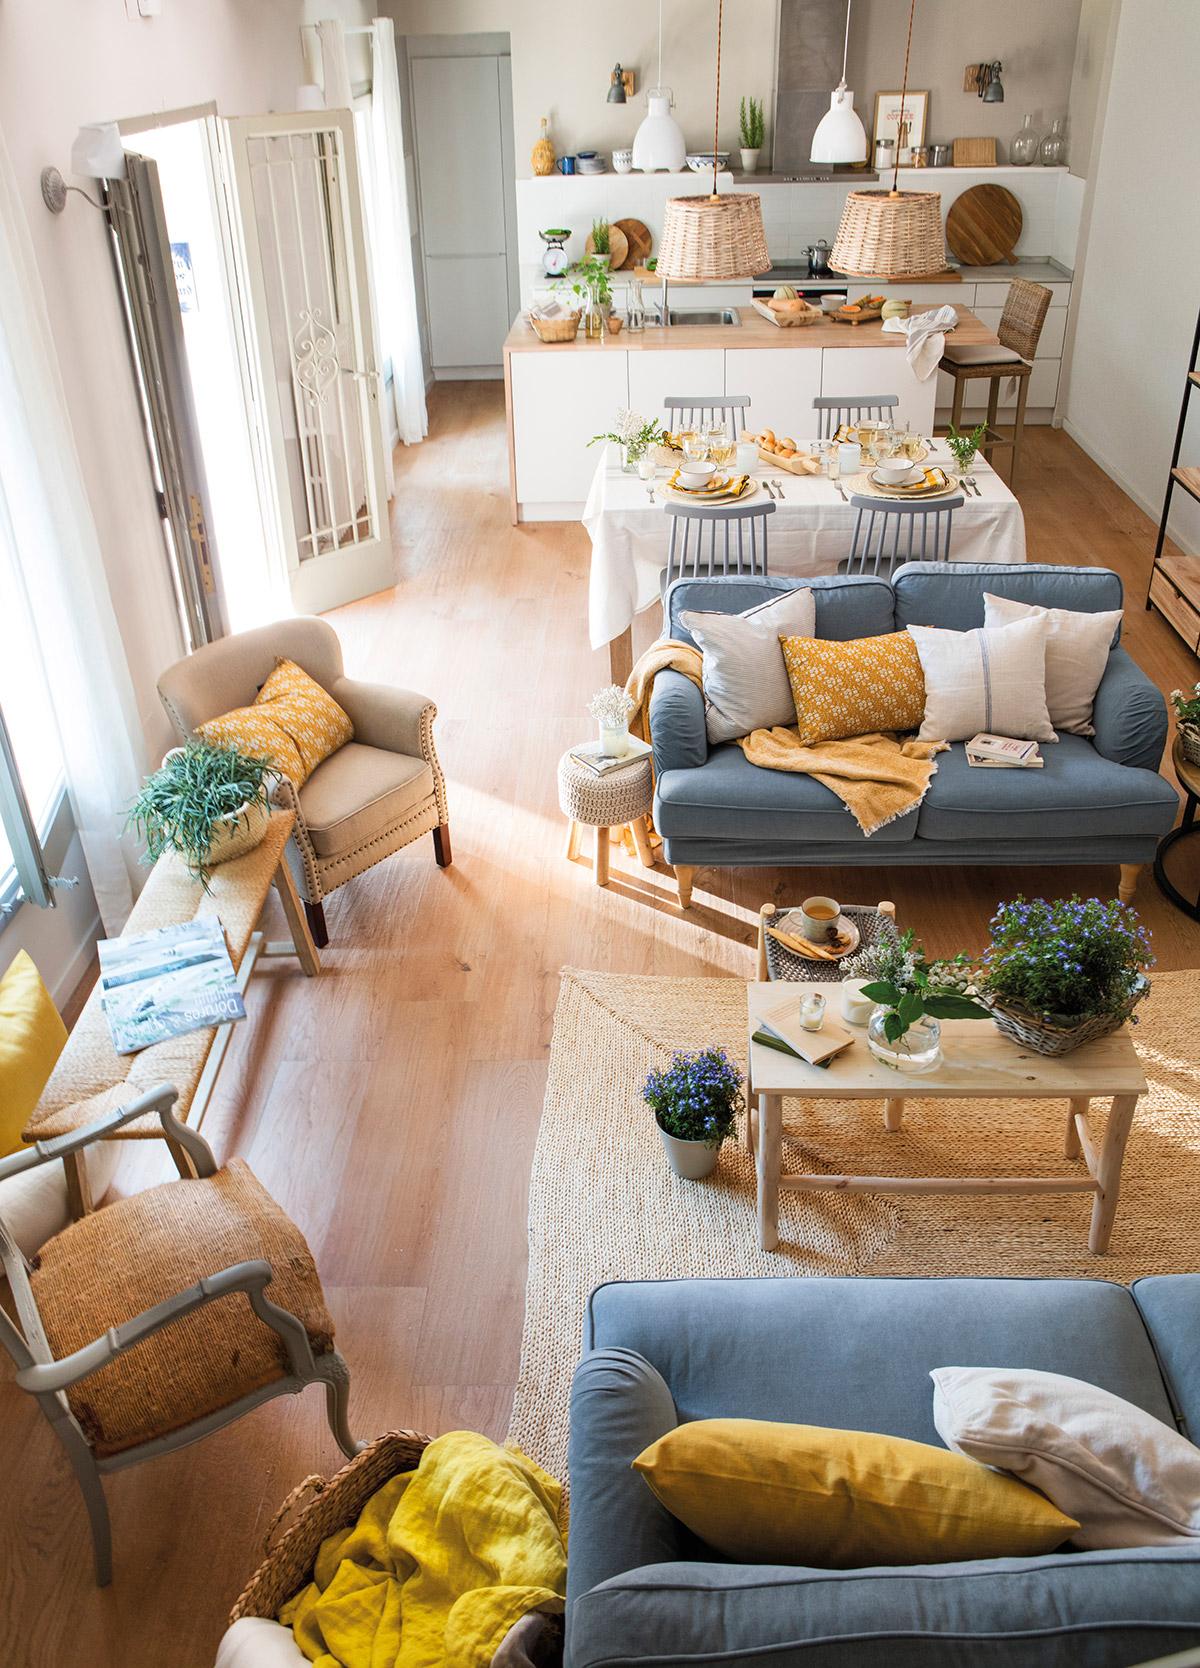 Diseño interior de una casa con espacios reducidos